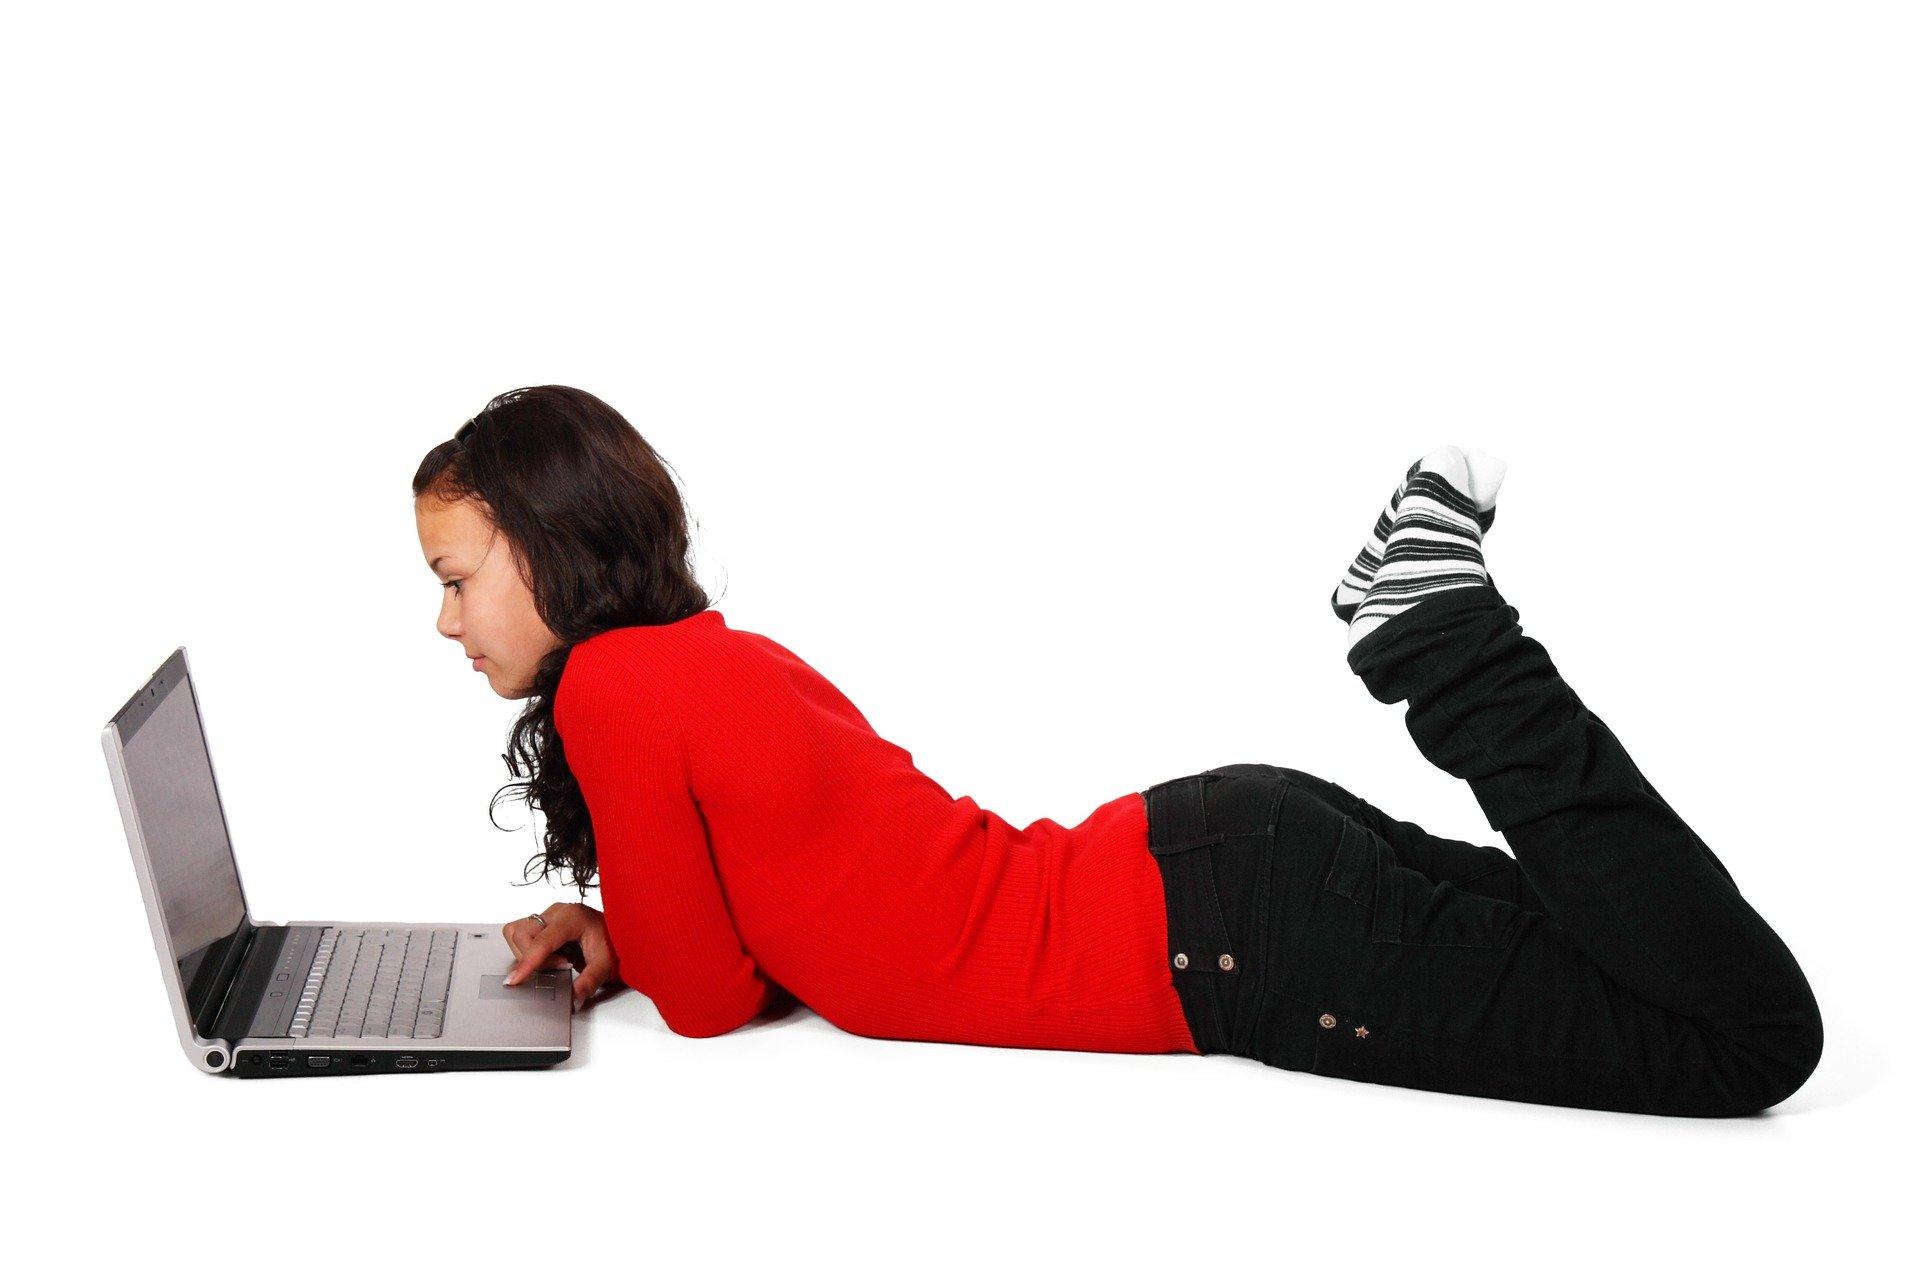 Sicurezza online, 6 ragazze italiane su 10 non si sentono sicure